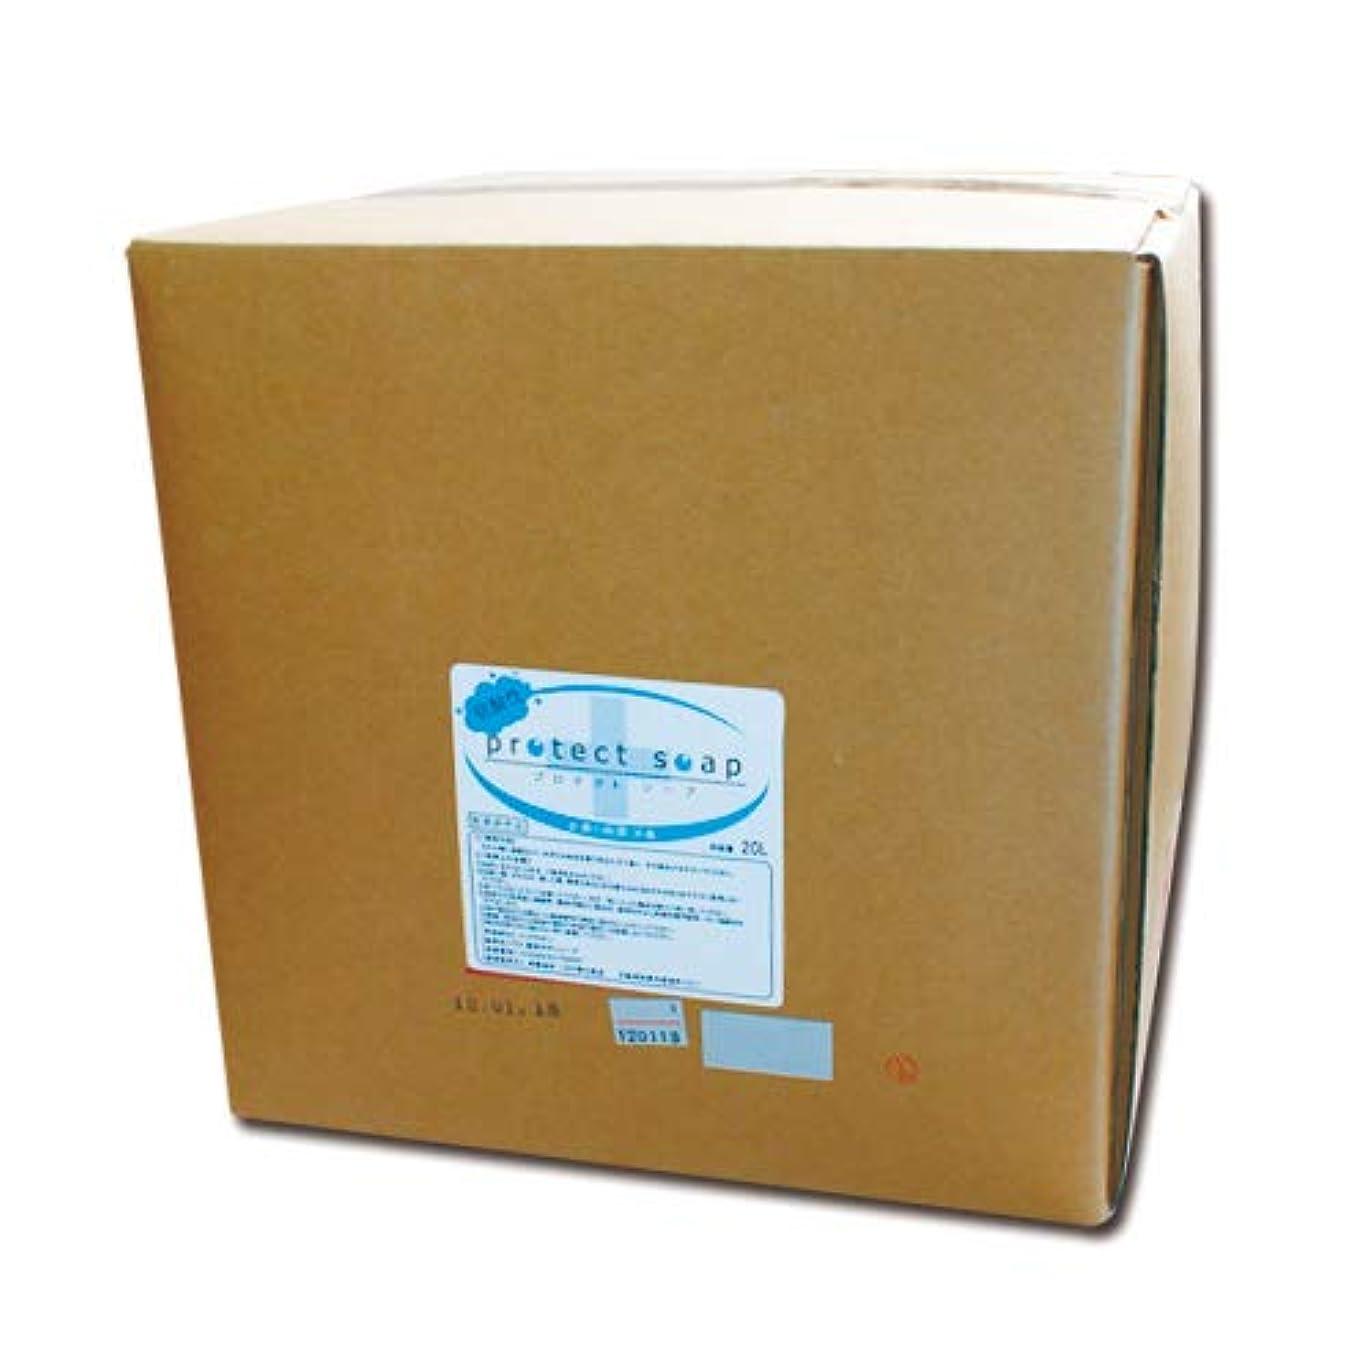 メンタル解釈的会議低刺激弱酸性 液体石鹸 プロテクトソープ 20L 業務用